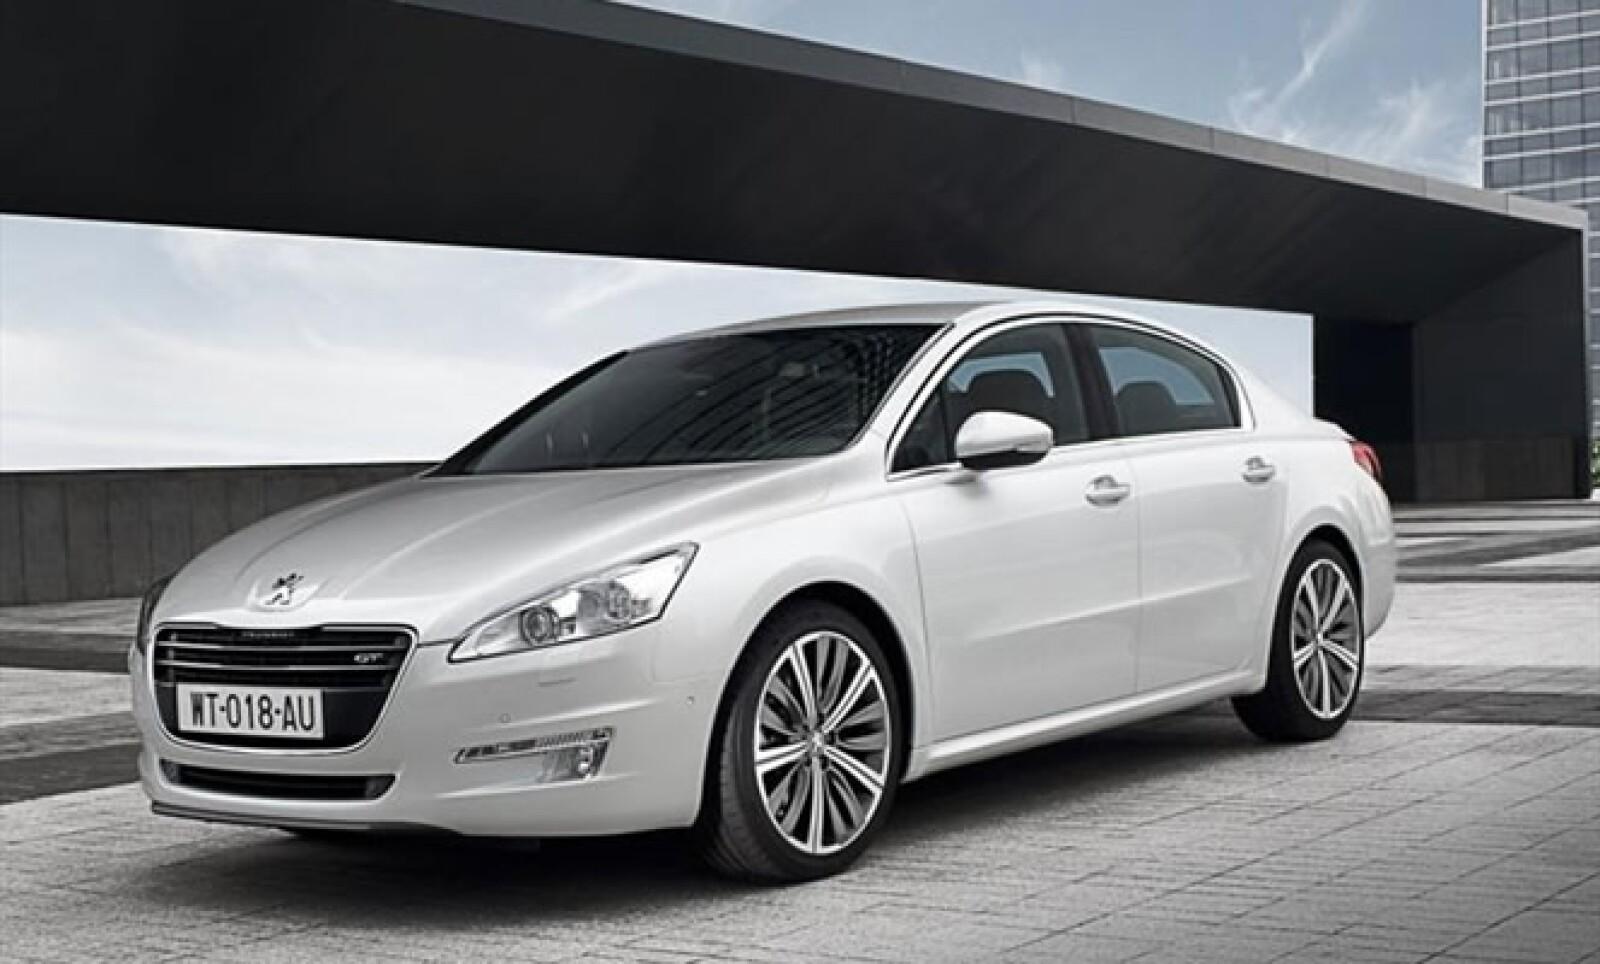 Basado en la plataforma de su hermano el Citroën C5 y claramente tomando el diseño del auto concepto '5 by Peugeot', este modelo sustituirá tanto al 407 sedán como al 607. En cuanto a los motores, serán dos a gasolina y dos a diesel, aunque estos últimos